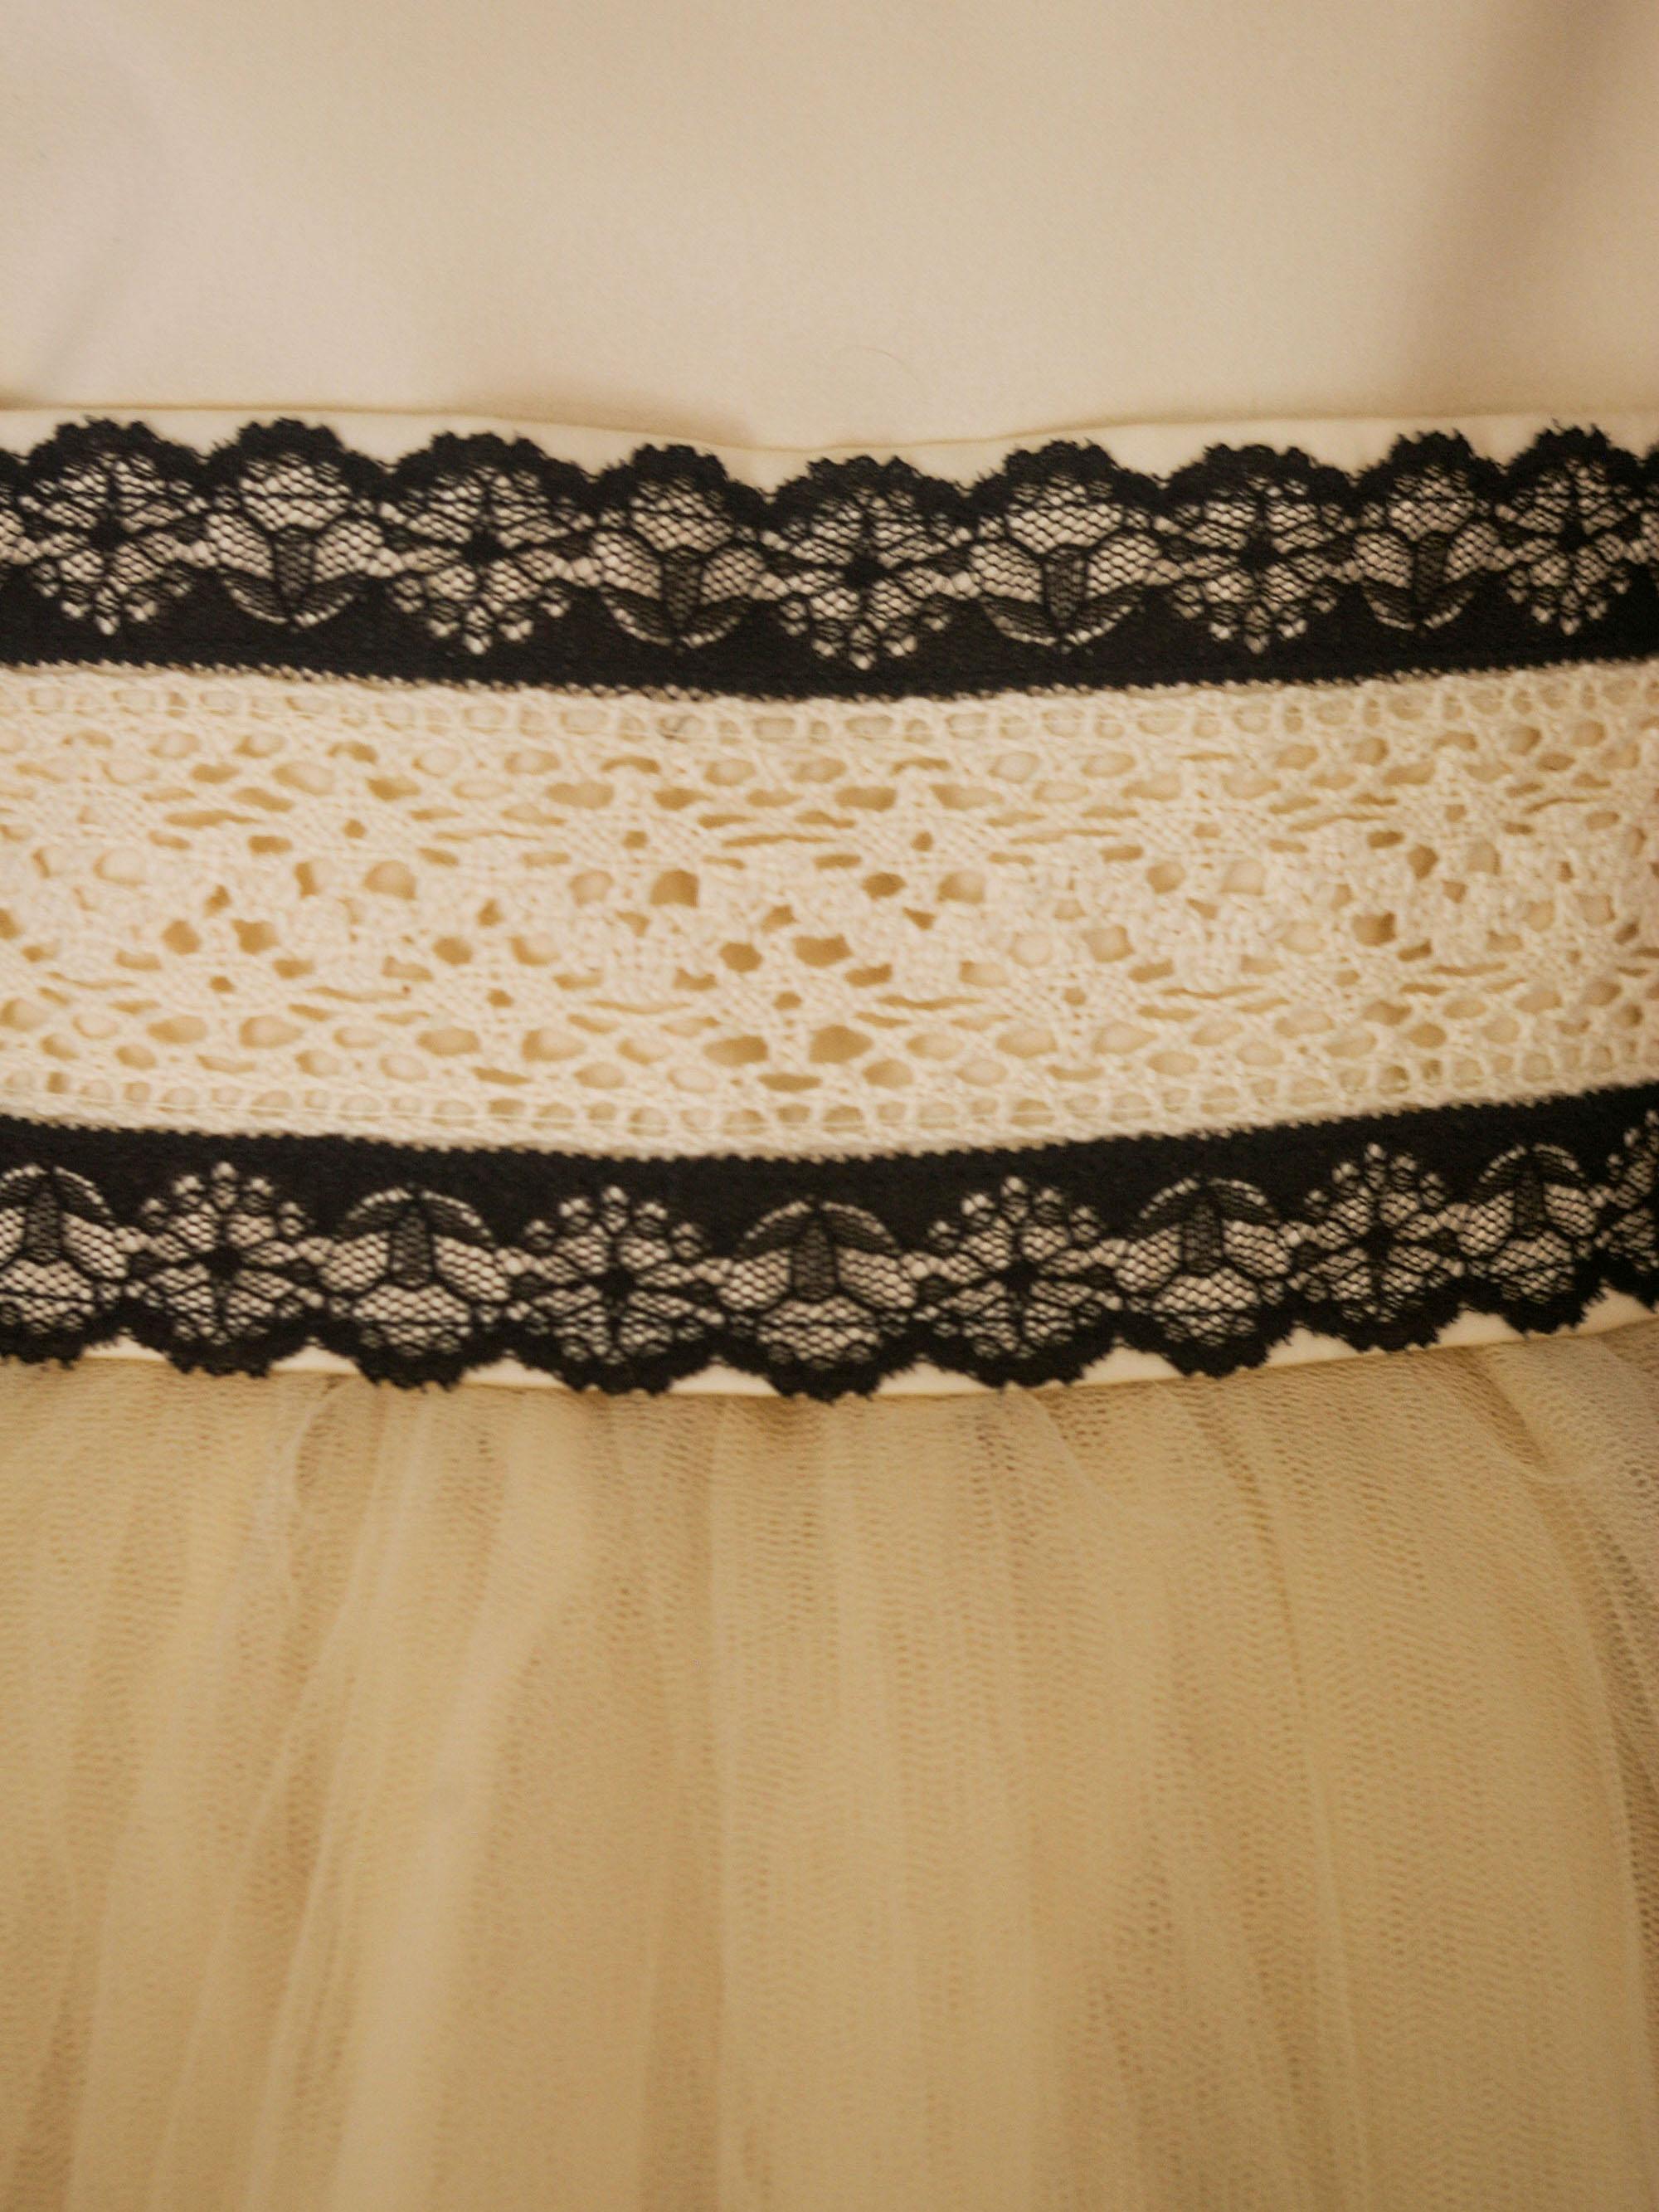 2f95be8b3 Diseño Luz - Moderno vestido para niña en color natural, combinado con  puntillas negras. Corte princesa con amplia falda de tul.